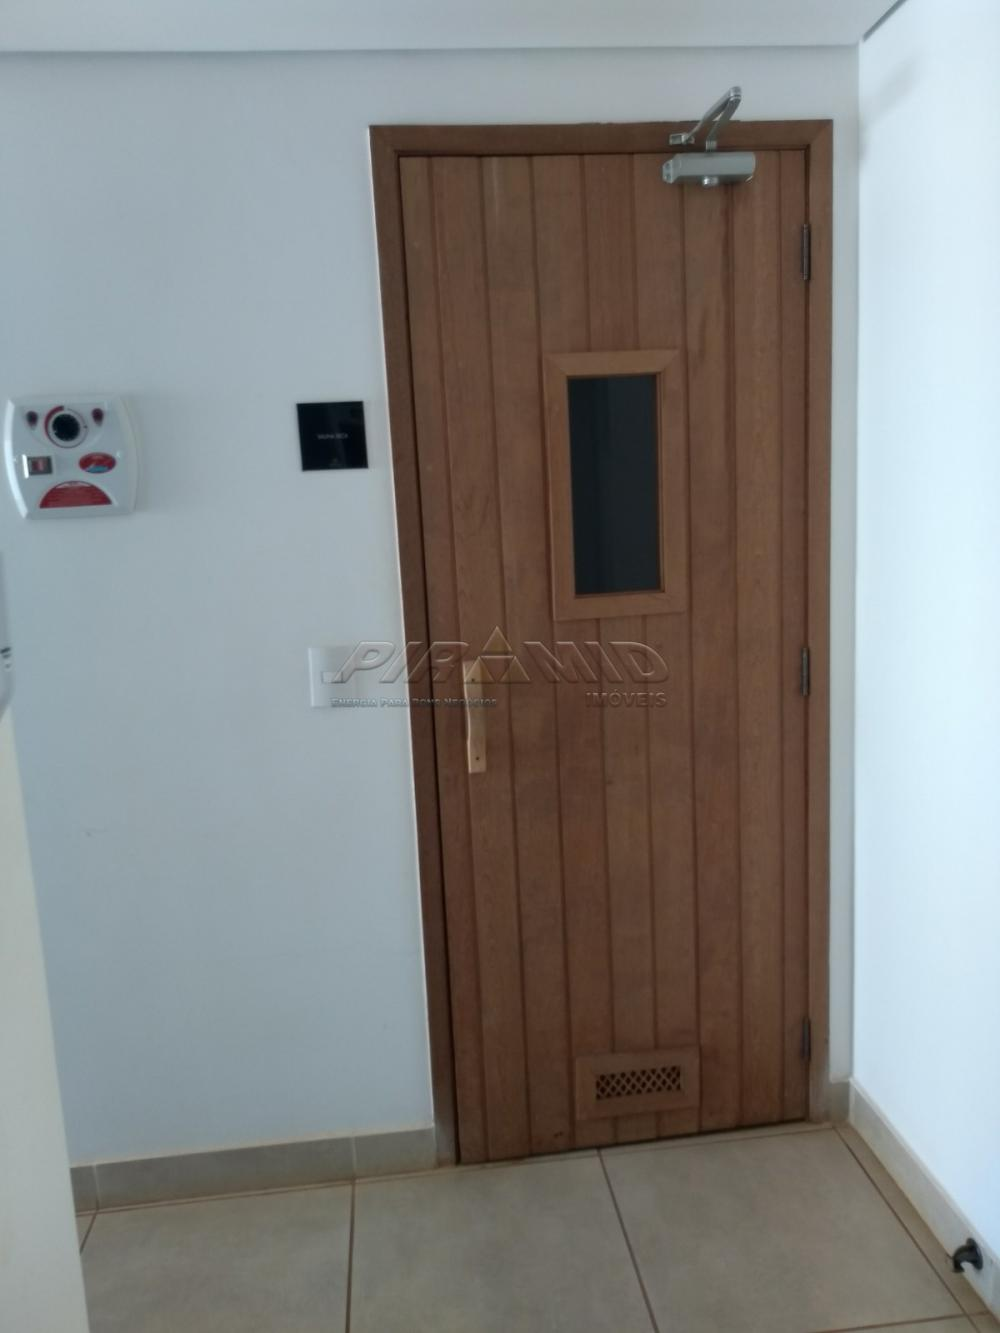 Alugar Apartamento / Padrão em Ribeirão Preto R$ 1.700,00 - Foto 39